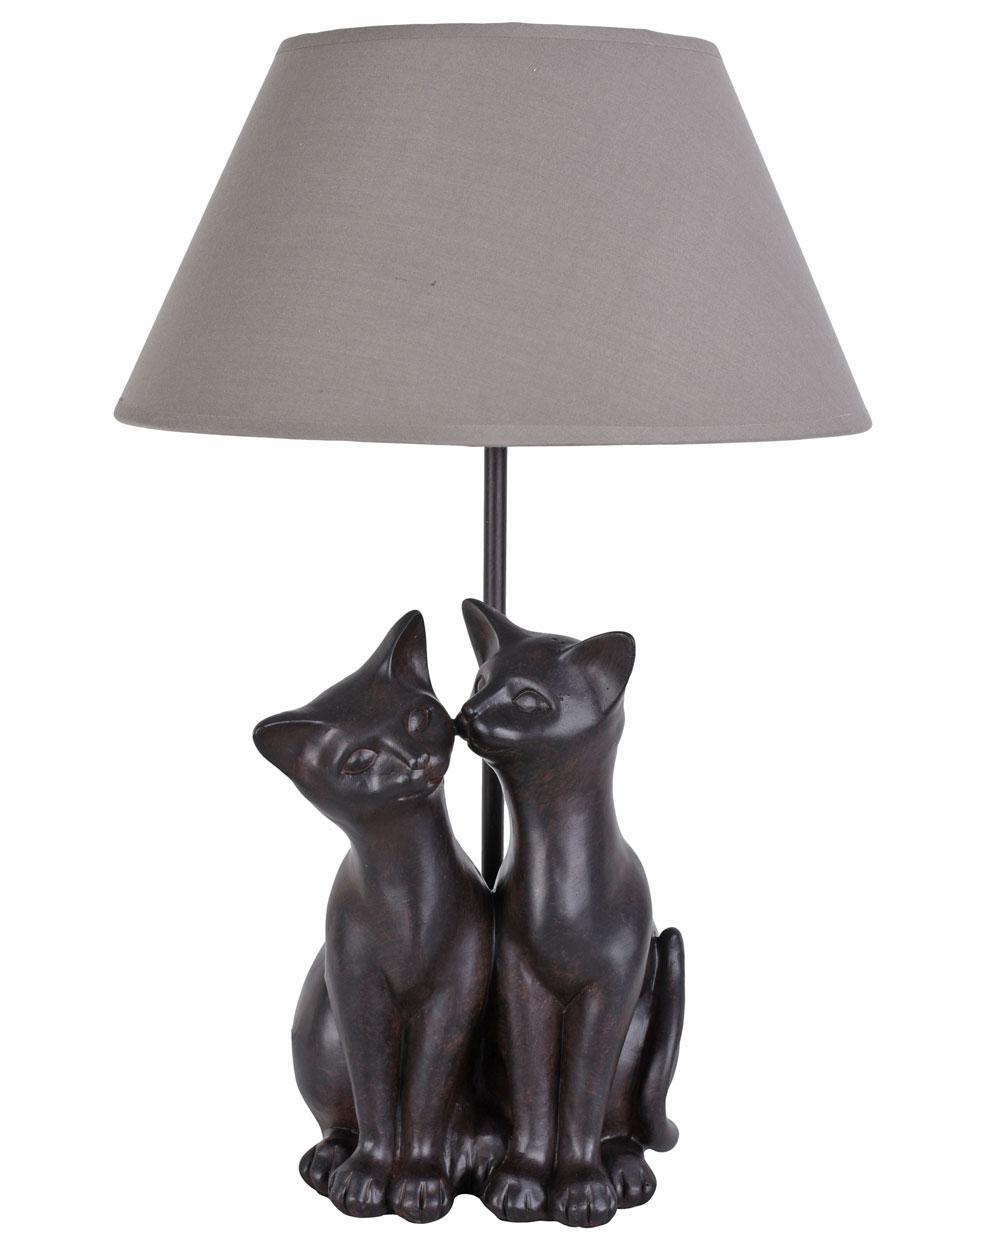 Lampada Da Tavolo Gatto Katzenlampe Luce Figura Animale Decorativa Ebay